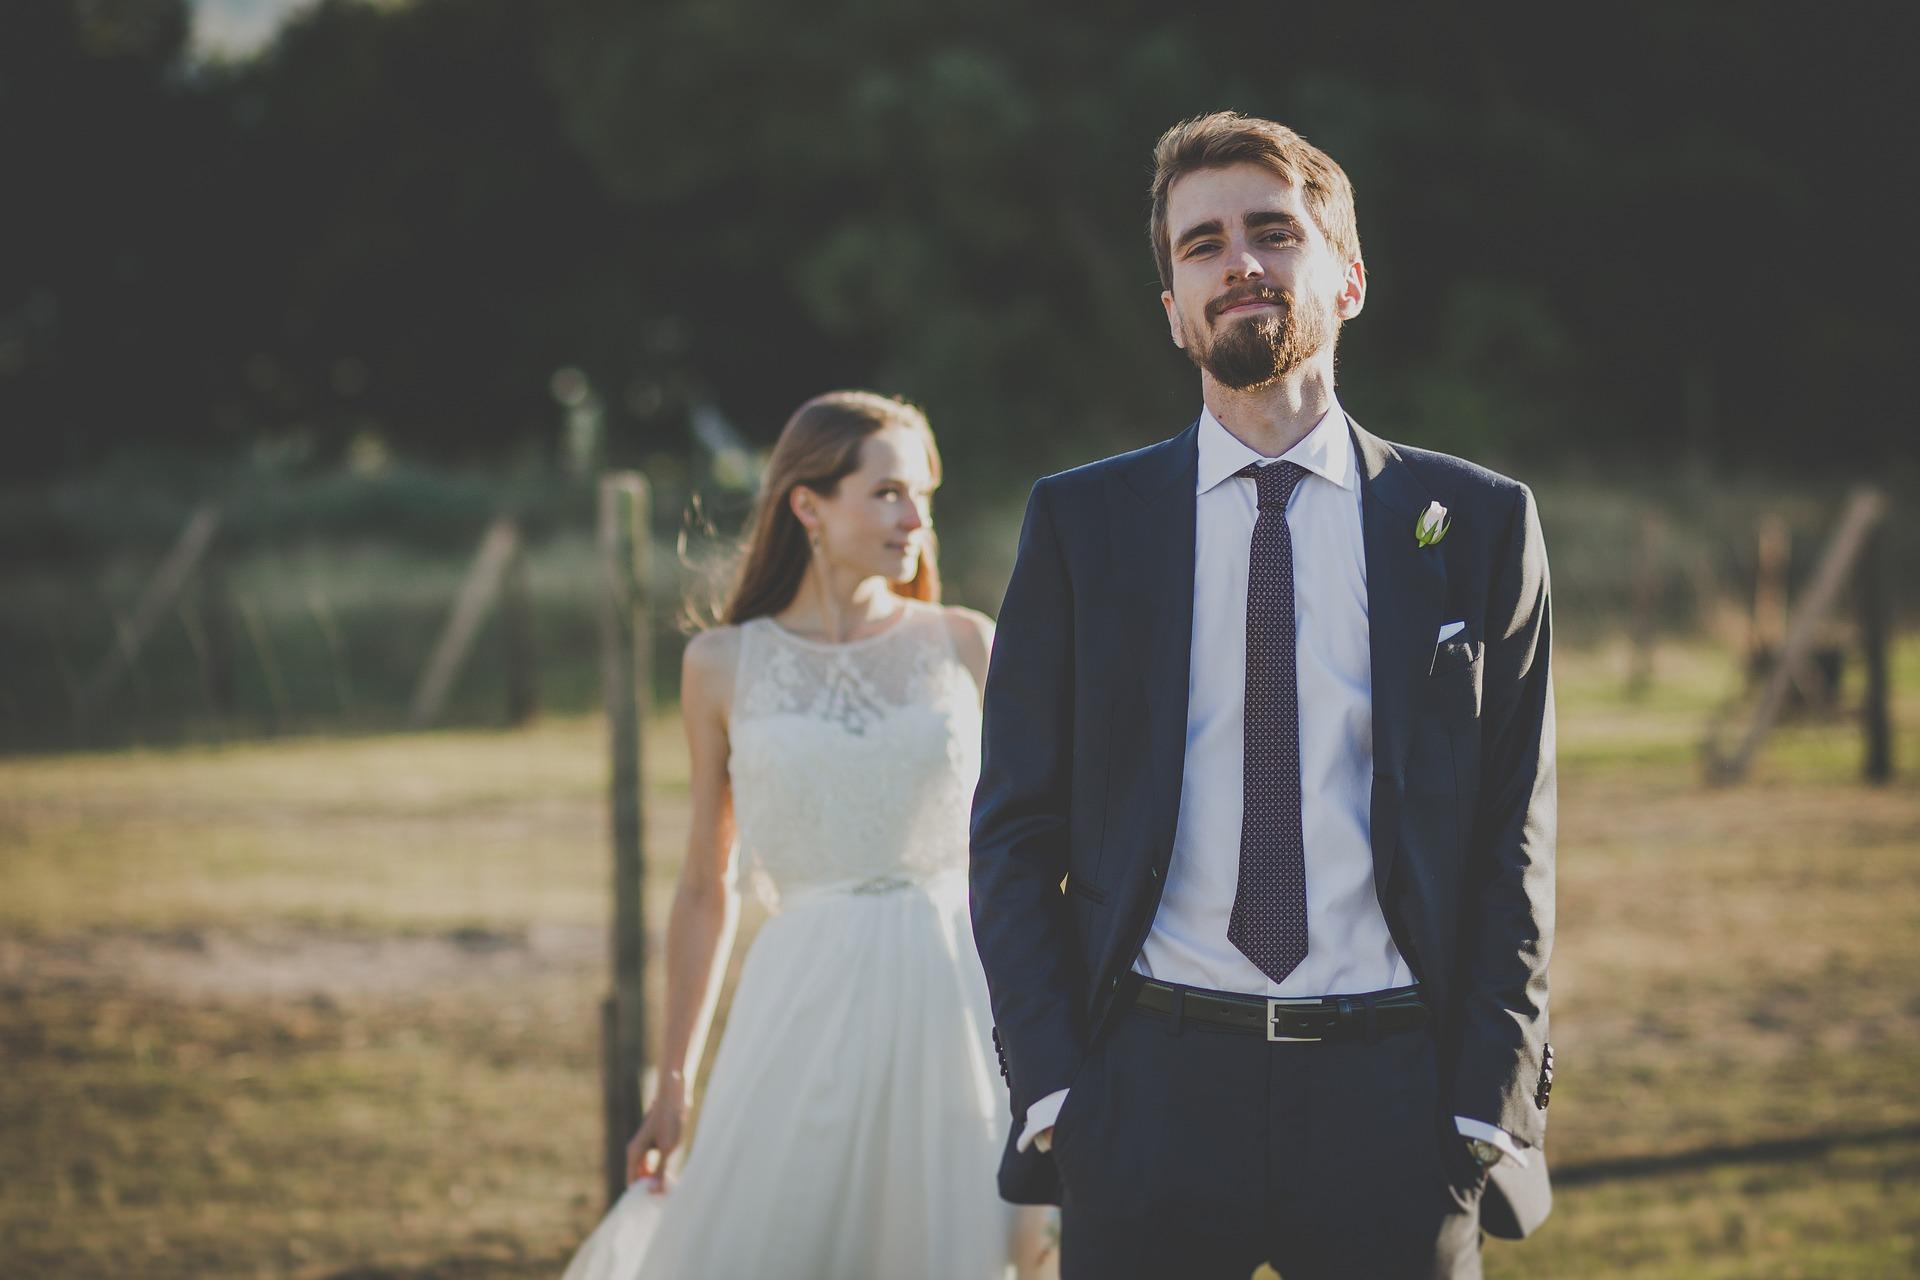 AB型既婚男性の不倫への考え方と特徴で本気にさせて奥さんと離婚させる方法